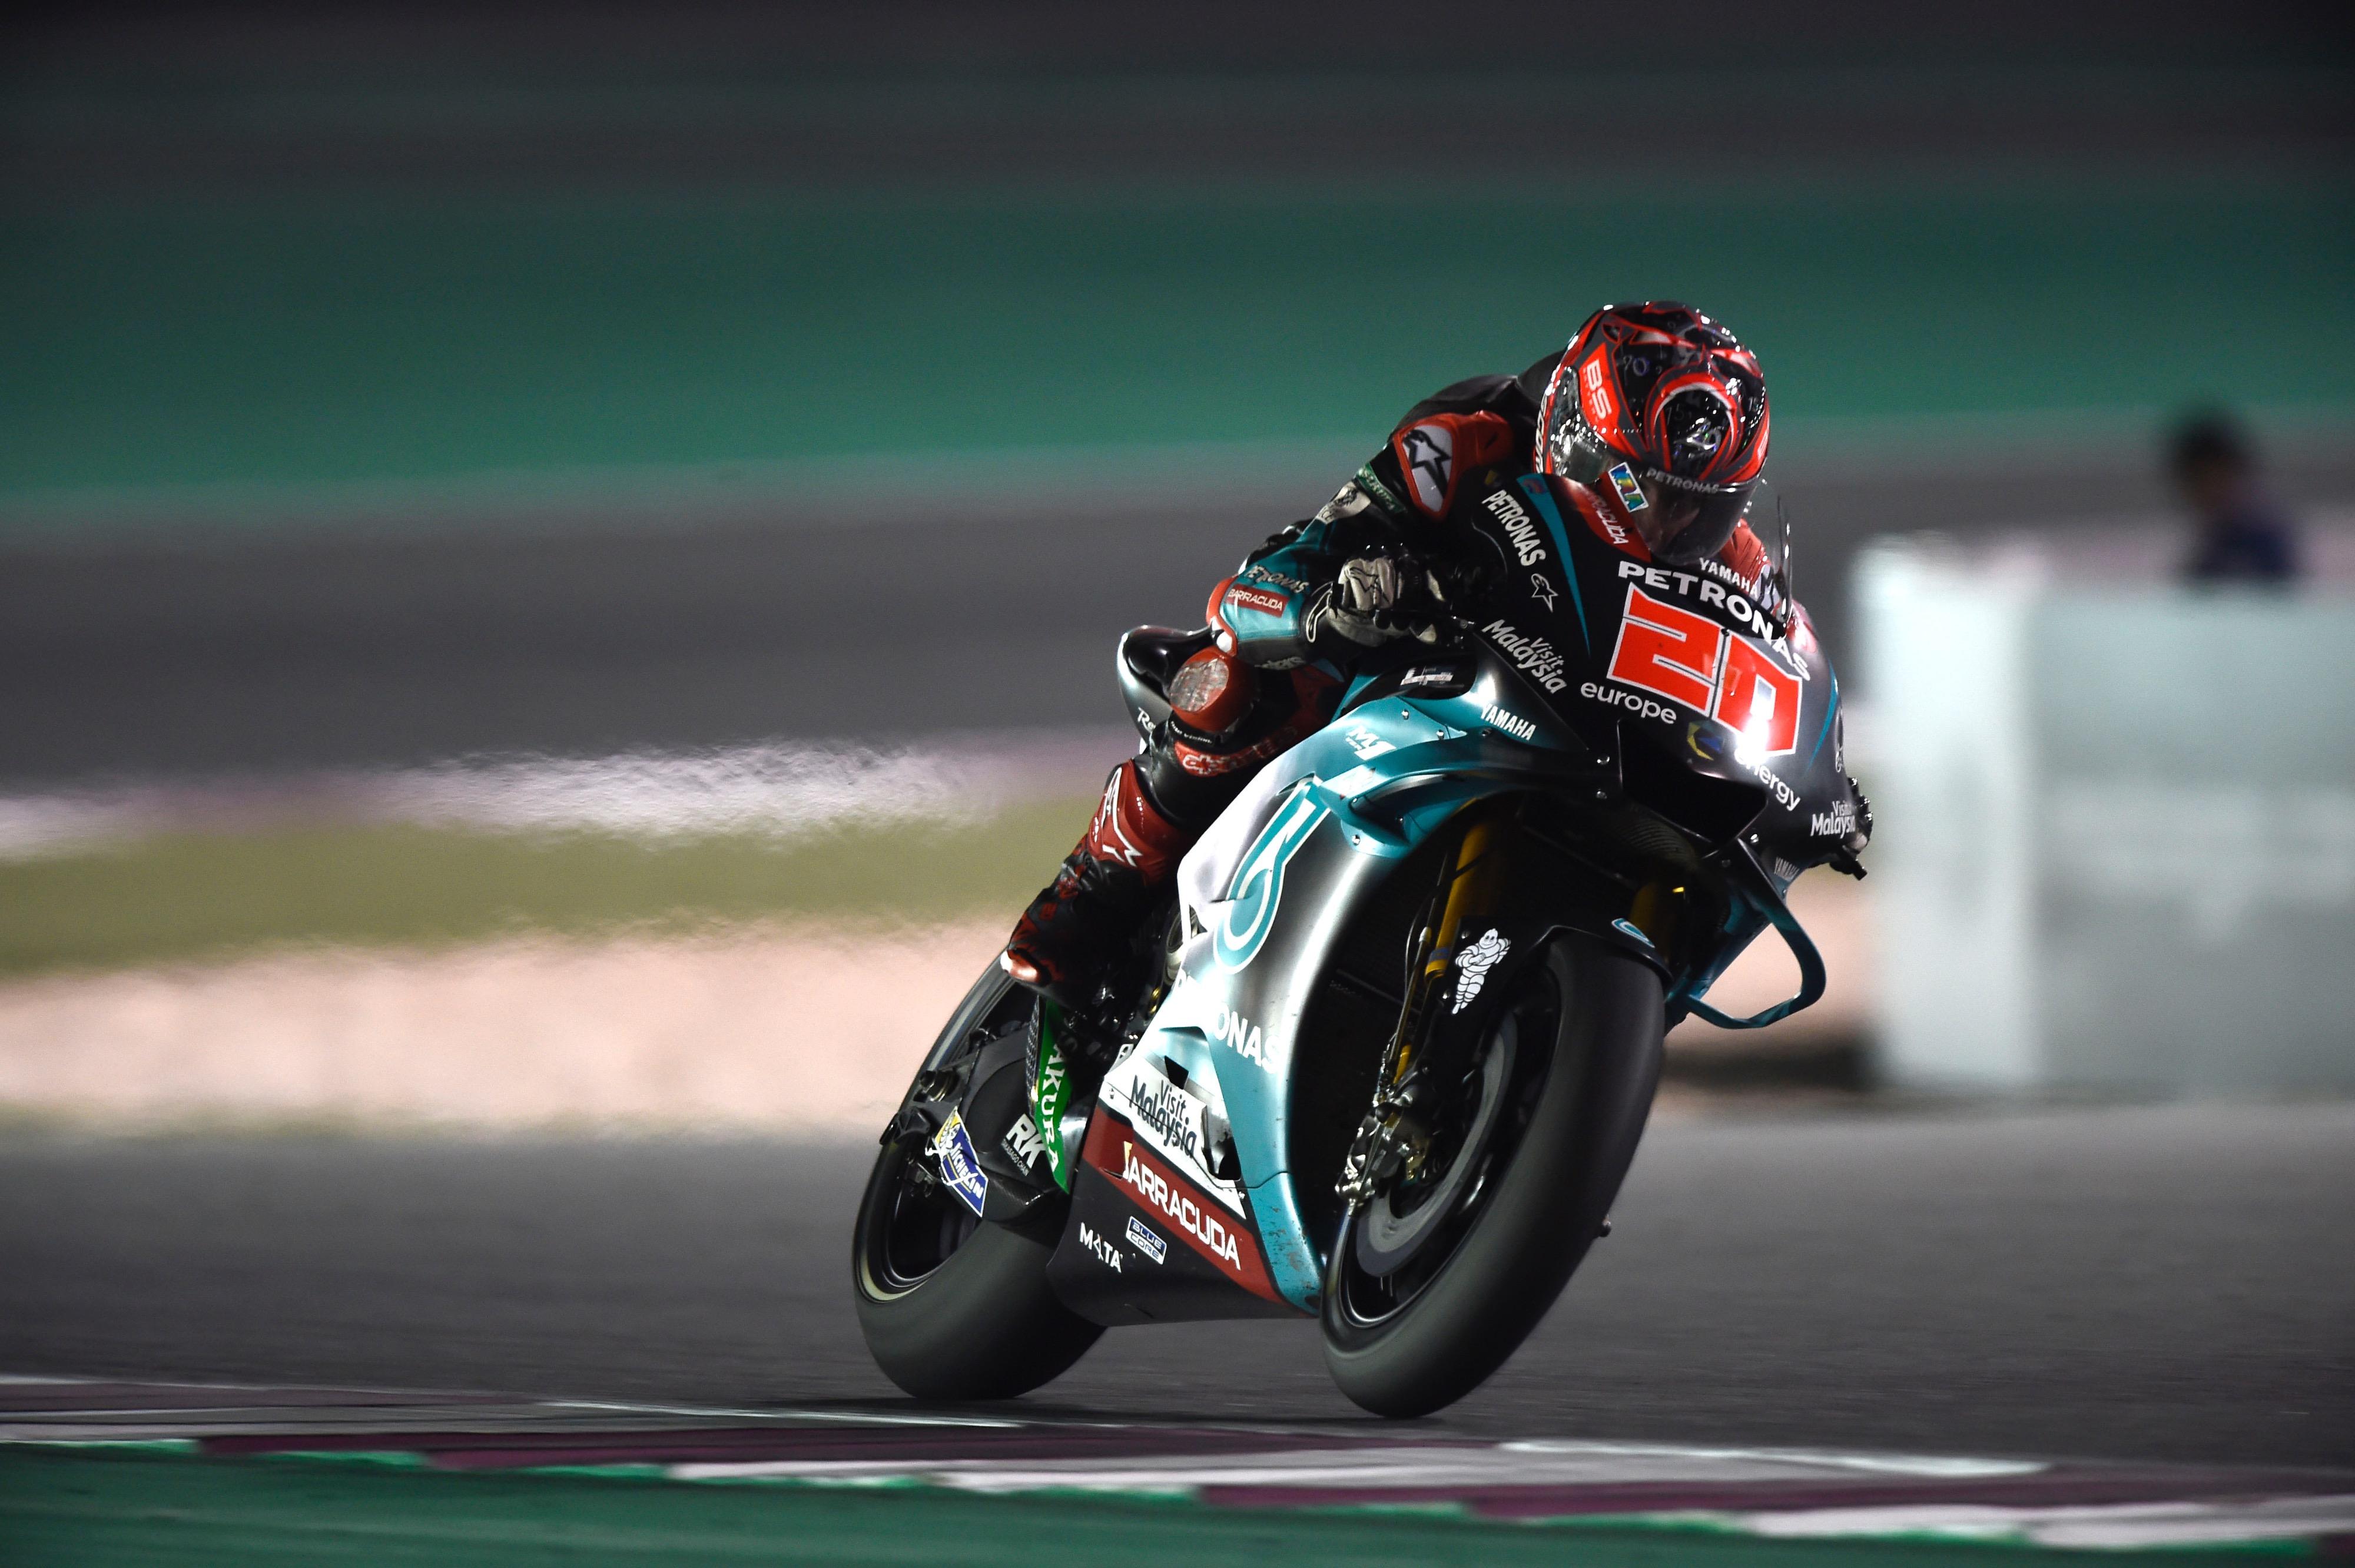 Petronas Yamaha Srt Make Point Scoring Motogp Debut Total Motorcycle